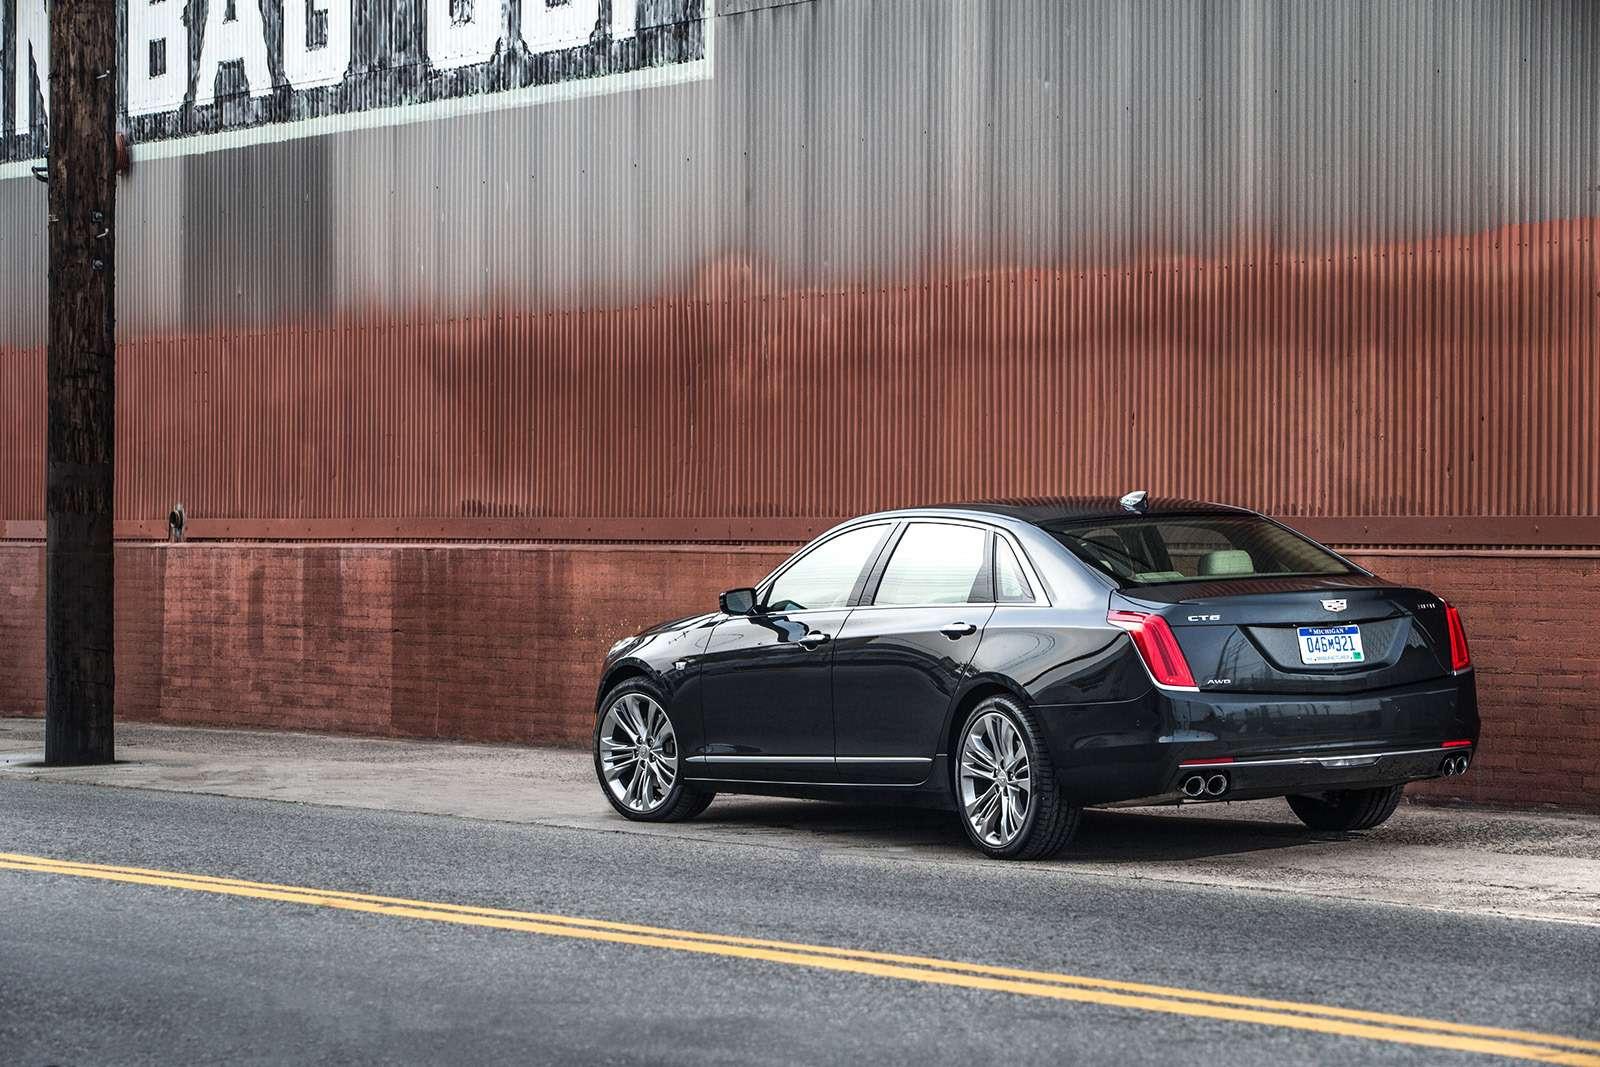 Флагманский седан Cadillac: цены икомплектации вРоссии— фото 823418